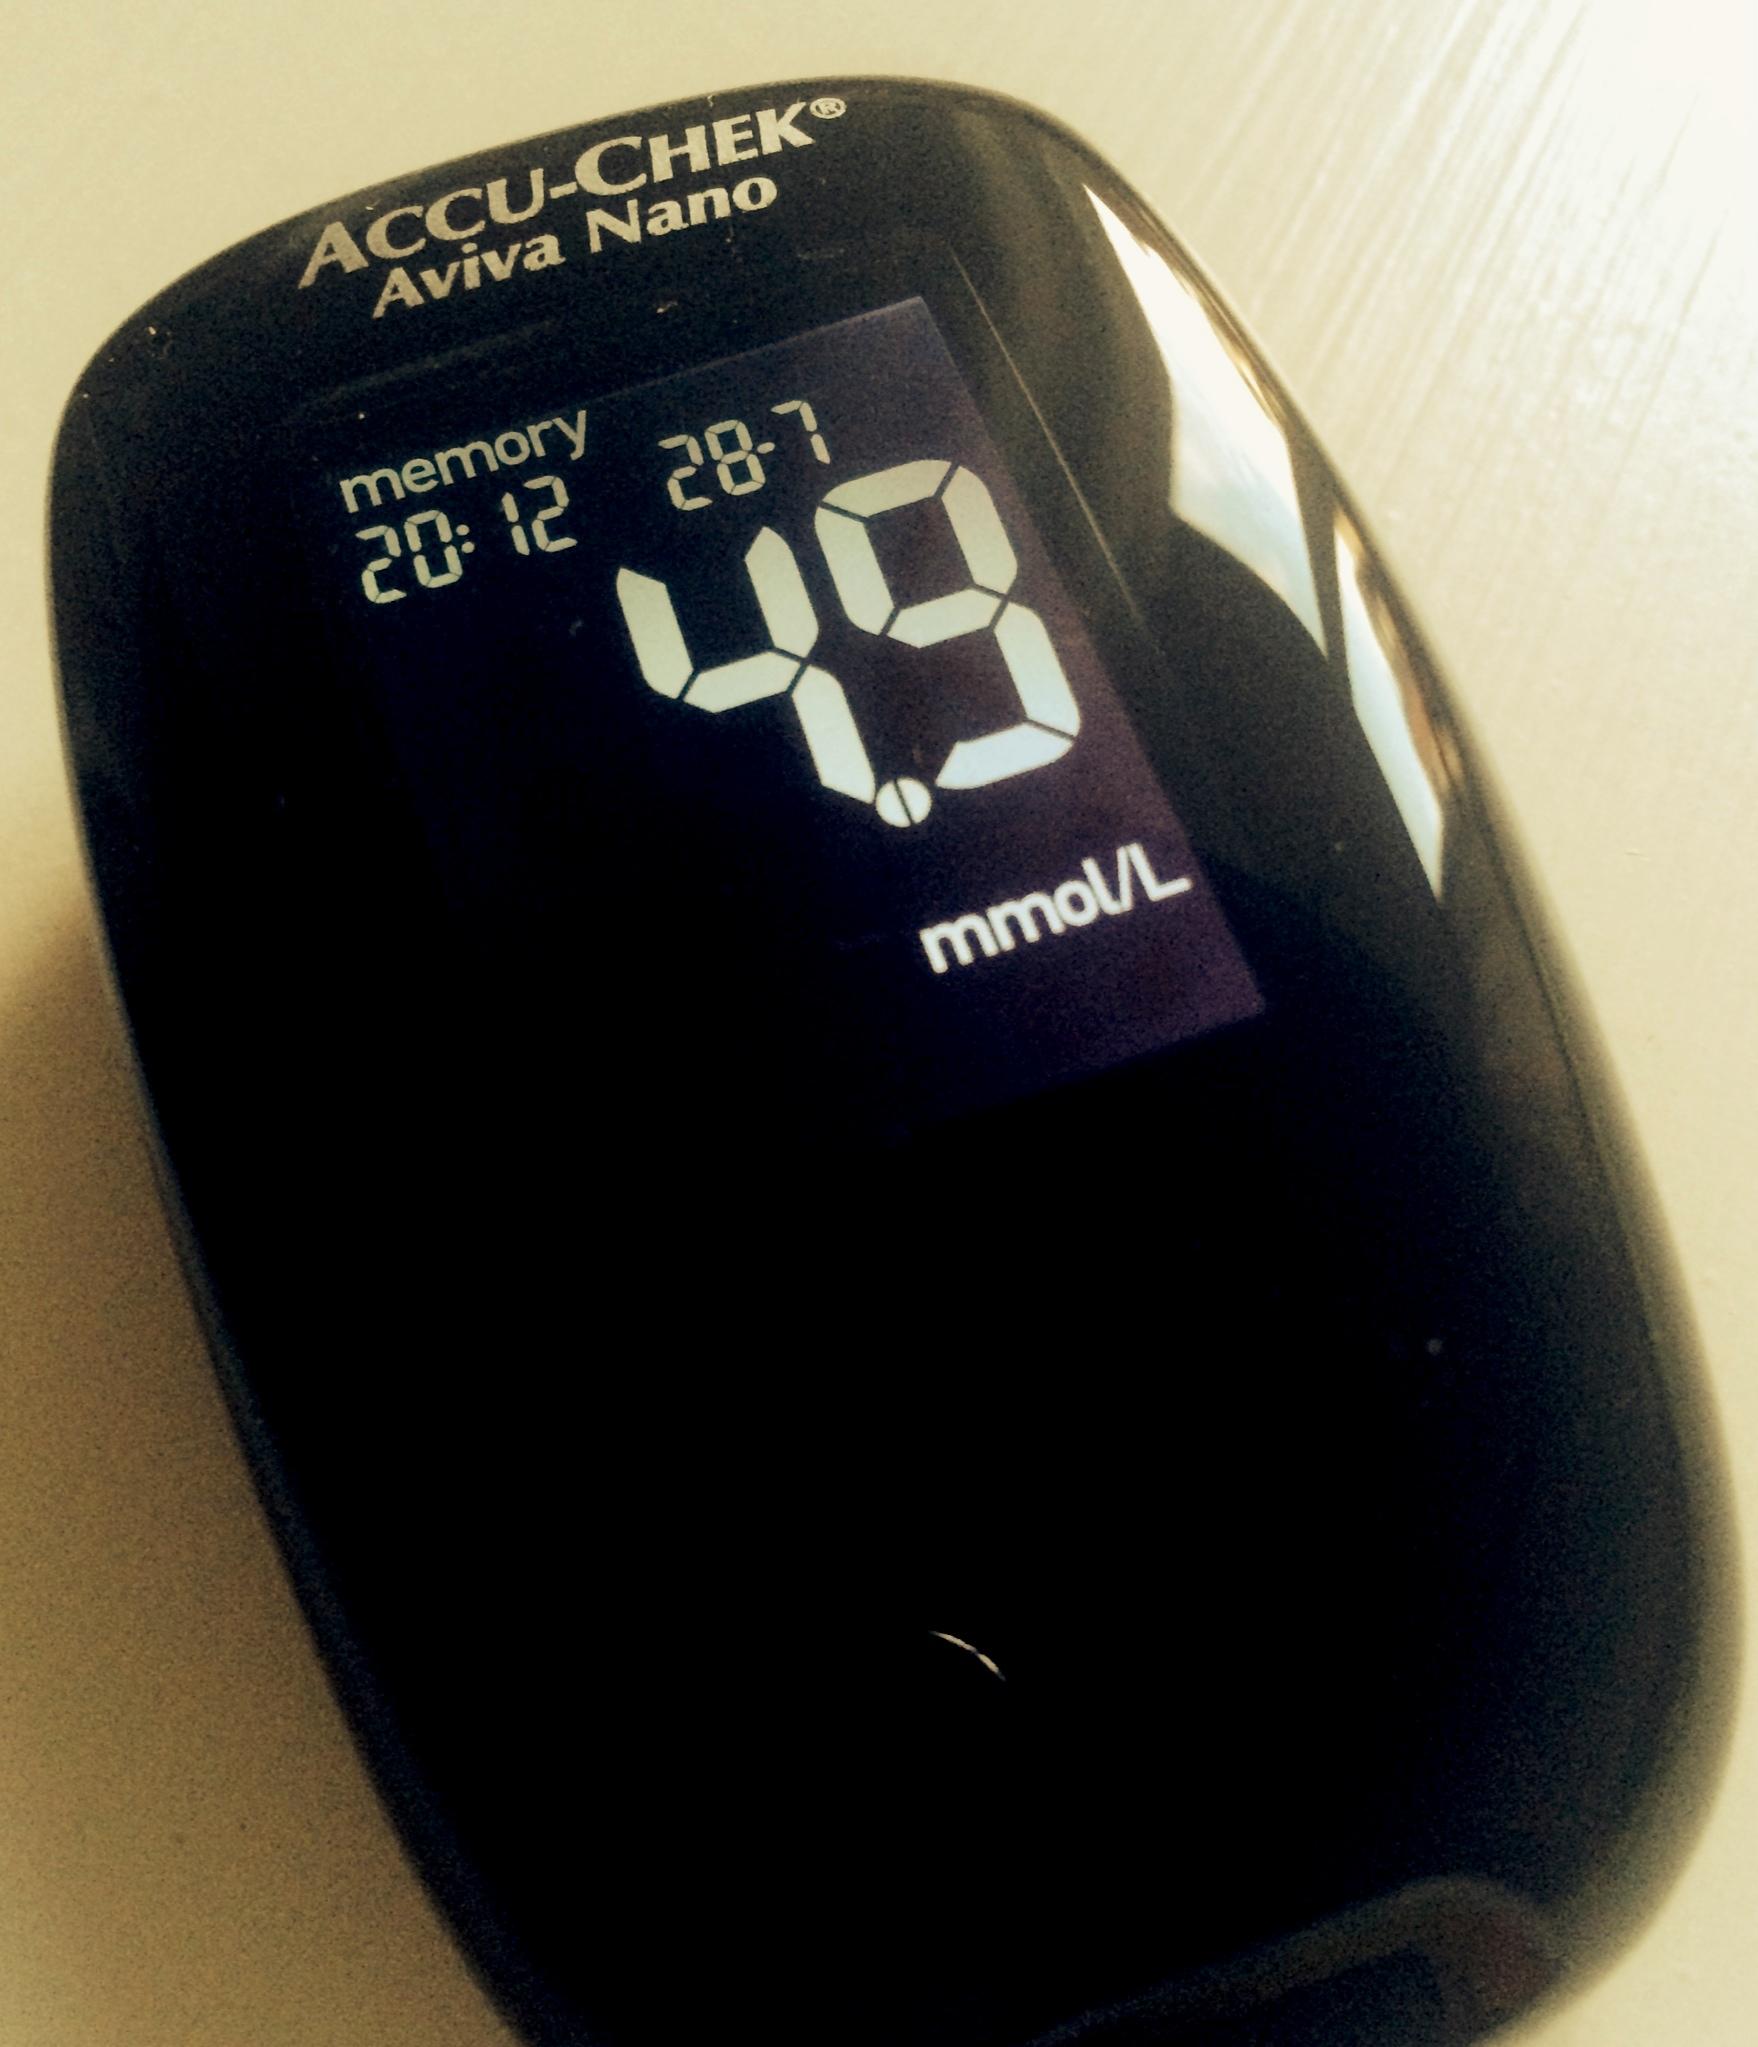 blodsockermätning efter måltid